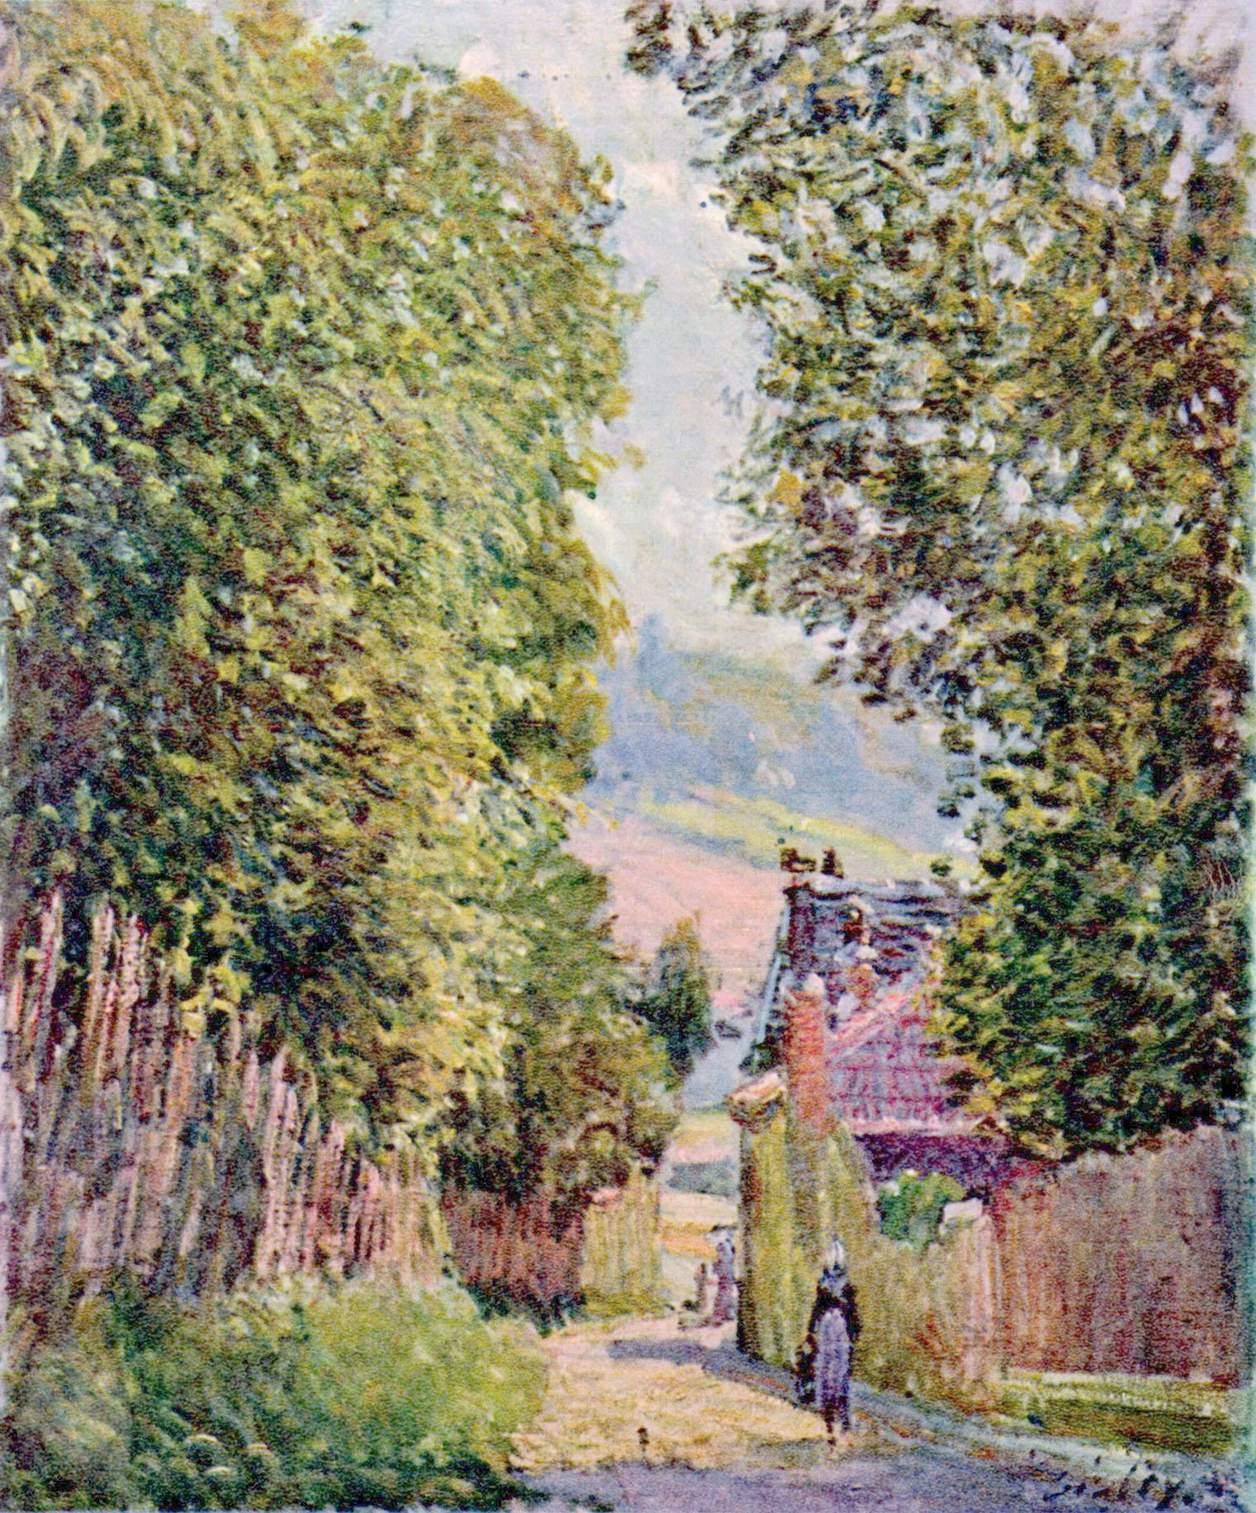 File:Alfred Sisley 058.jpg - Wikimedia Commons